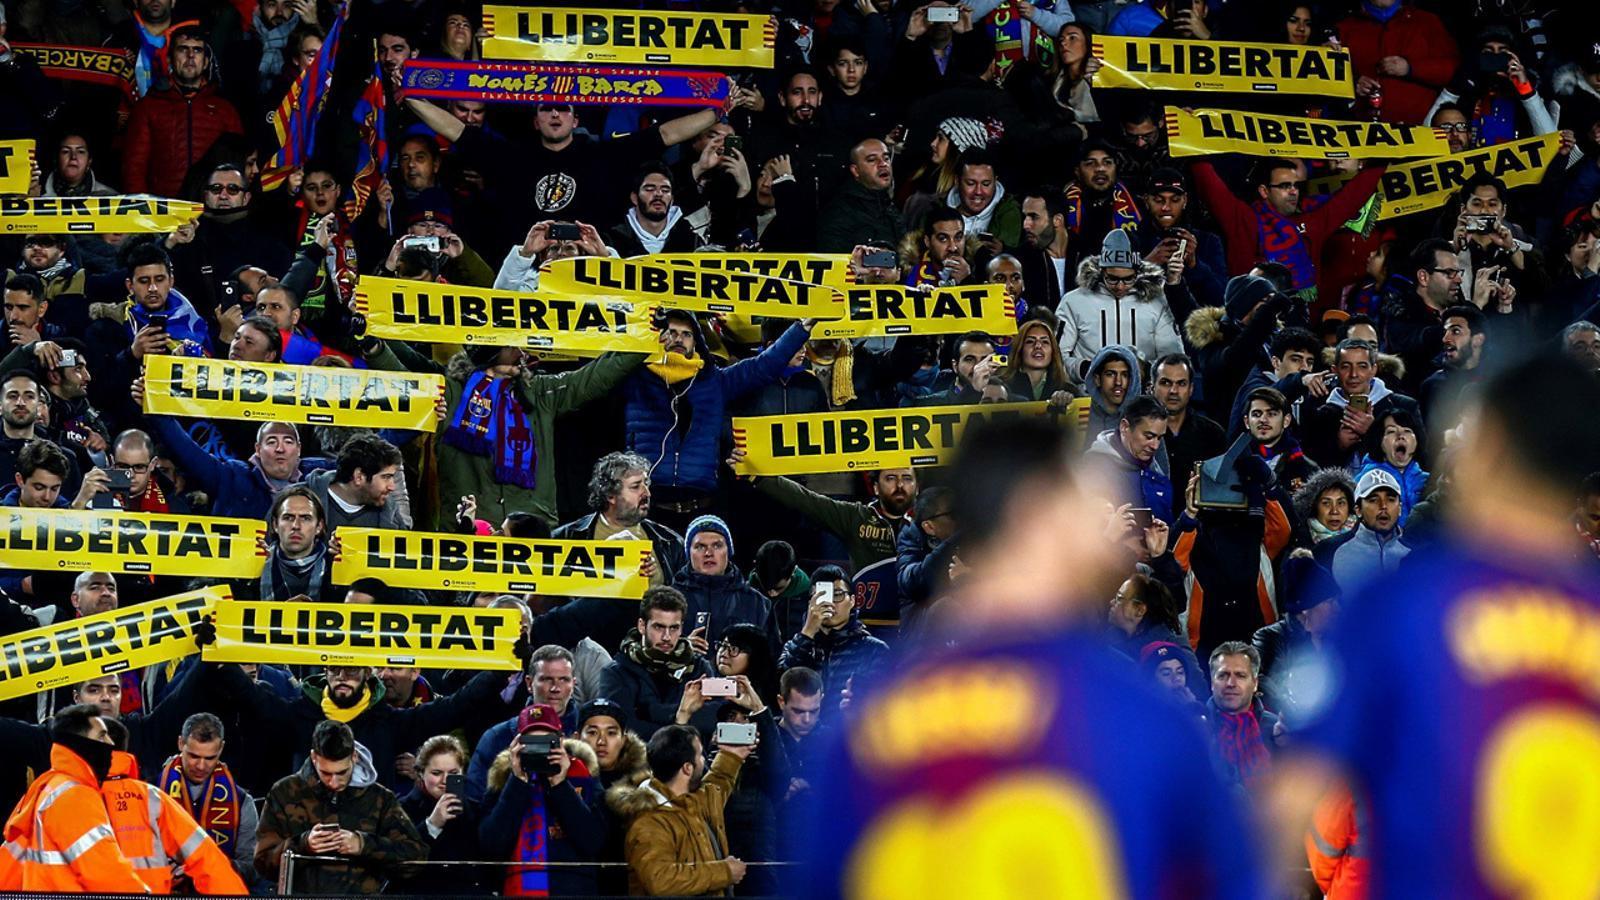 L'anàlisi d'Antoni Bassas: 'L'Estat ens acusa, llibertat per sobre de les nostres possibilitats'